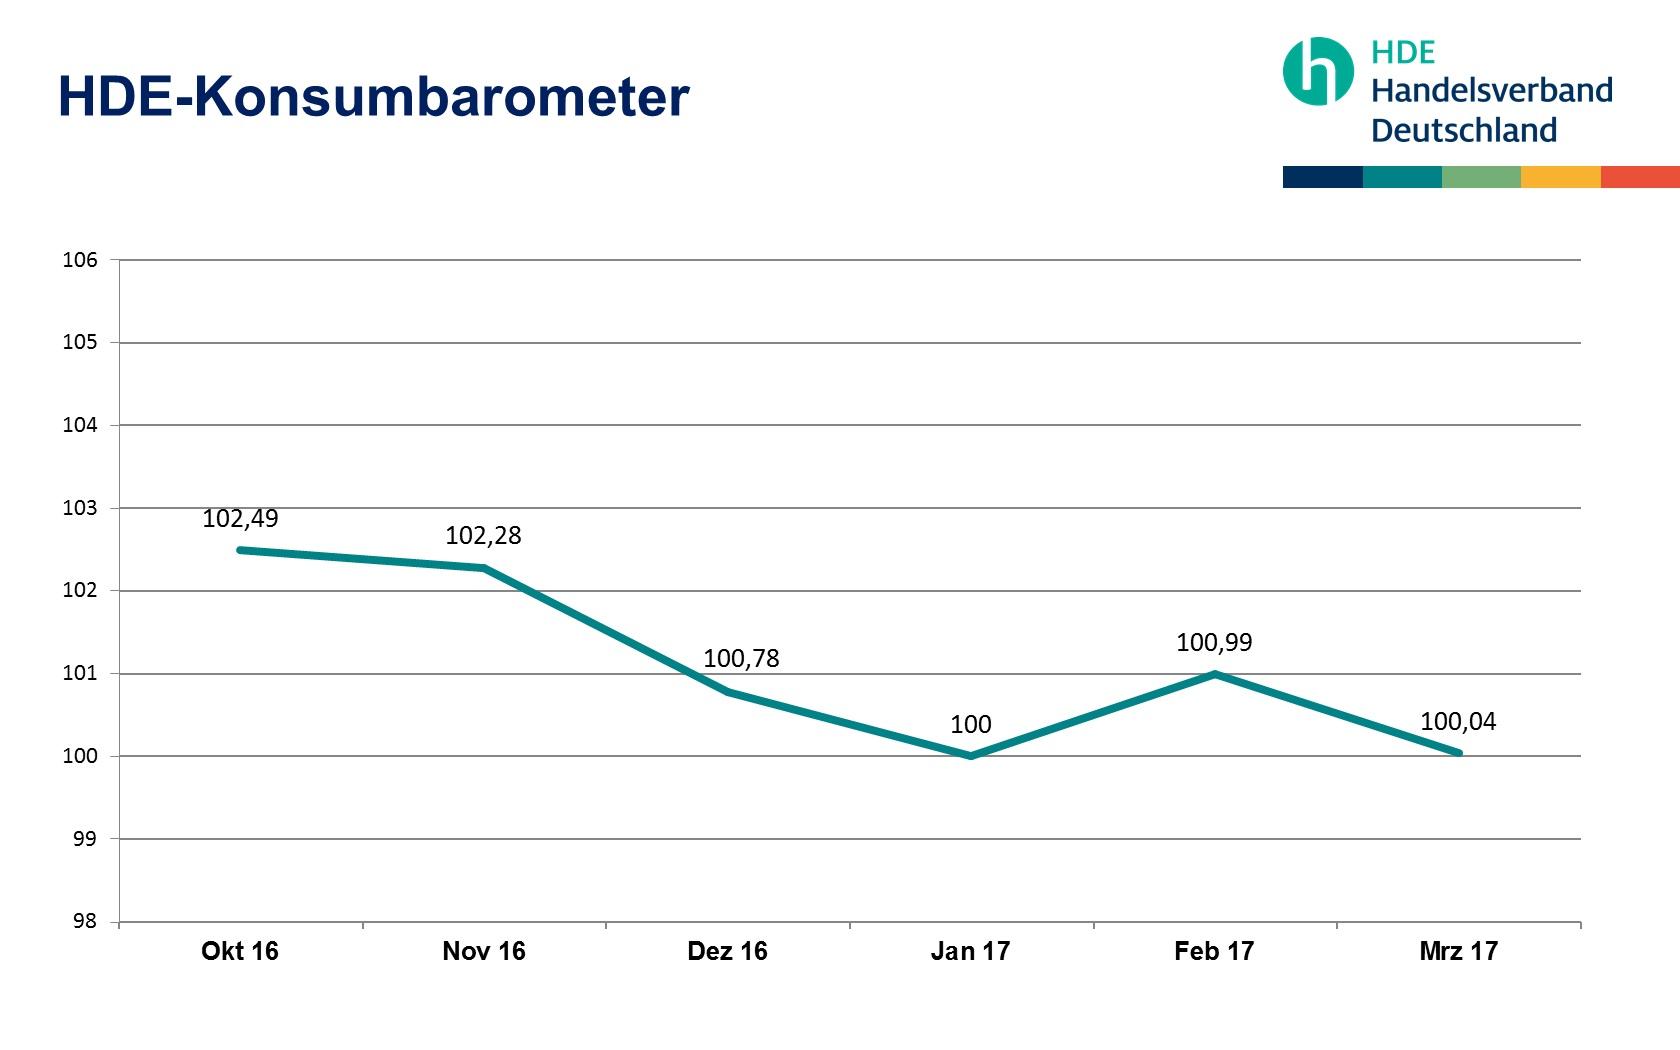 HDE-Konsumbarometer Marz 2017